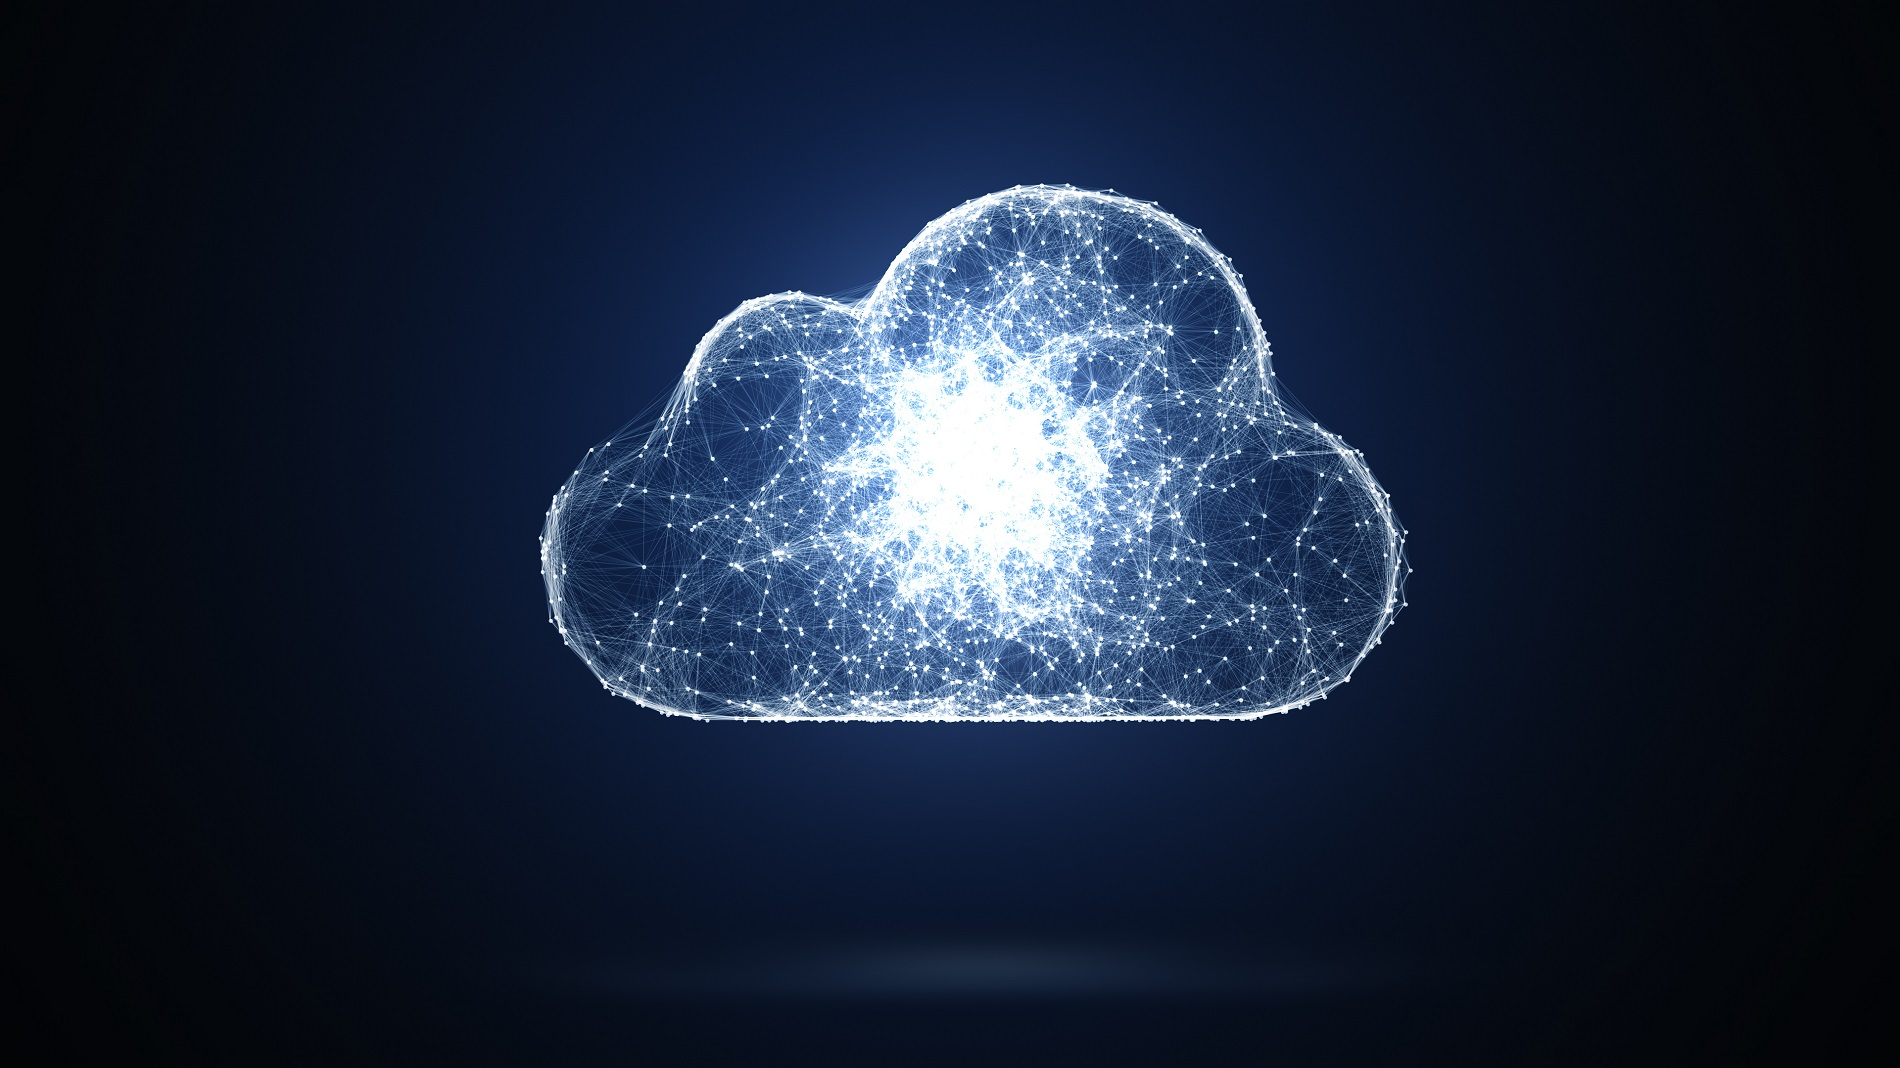 Digitalizácia slovenských firiem zaostáva, najviac v dátovej analytike a používaní cloudu